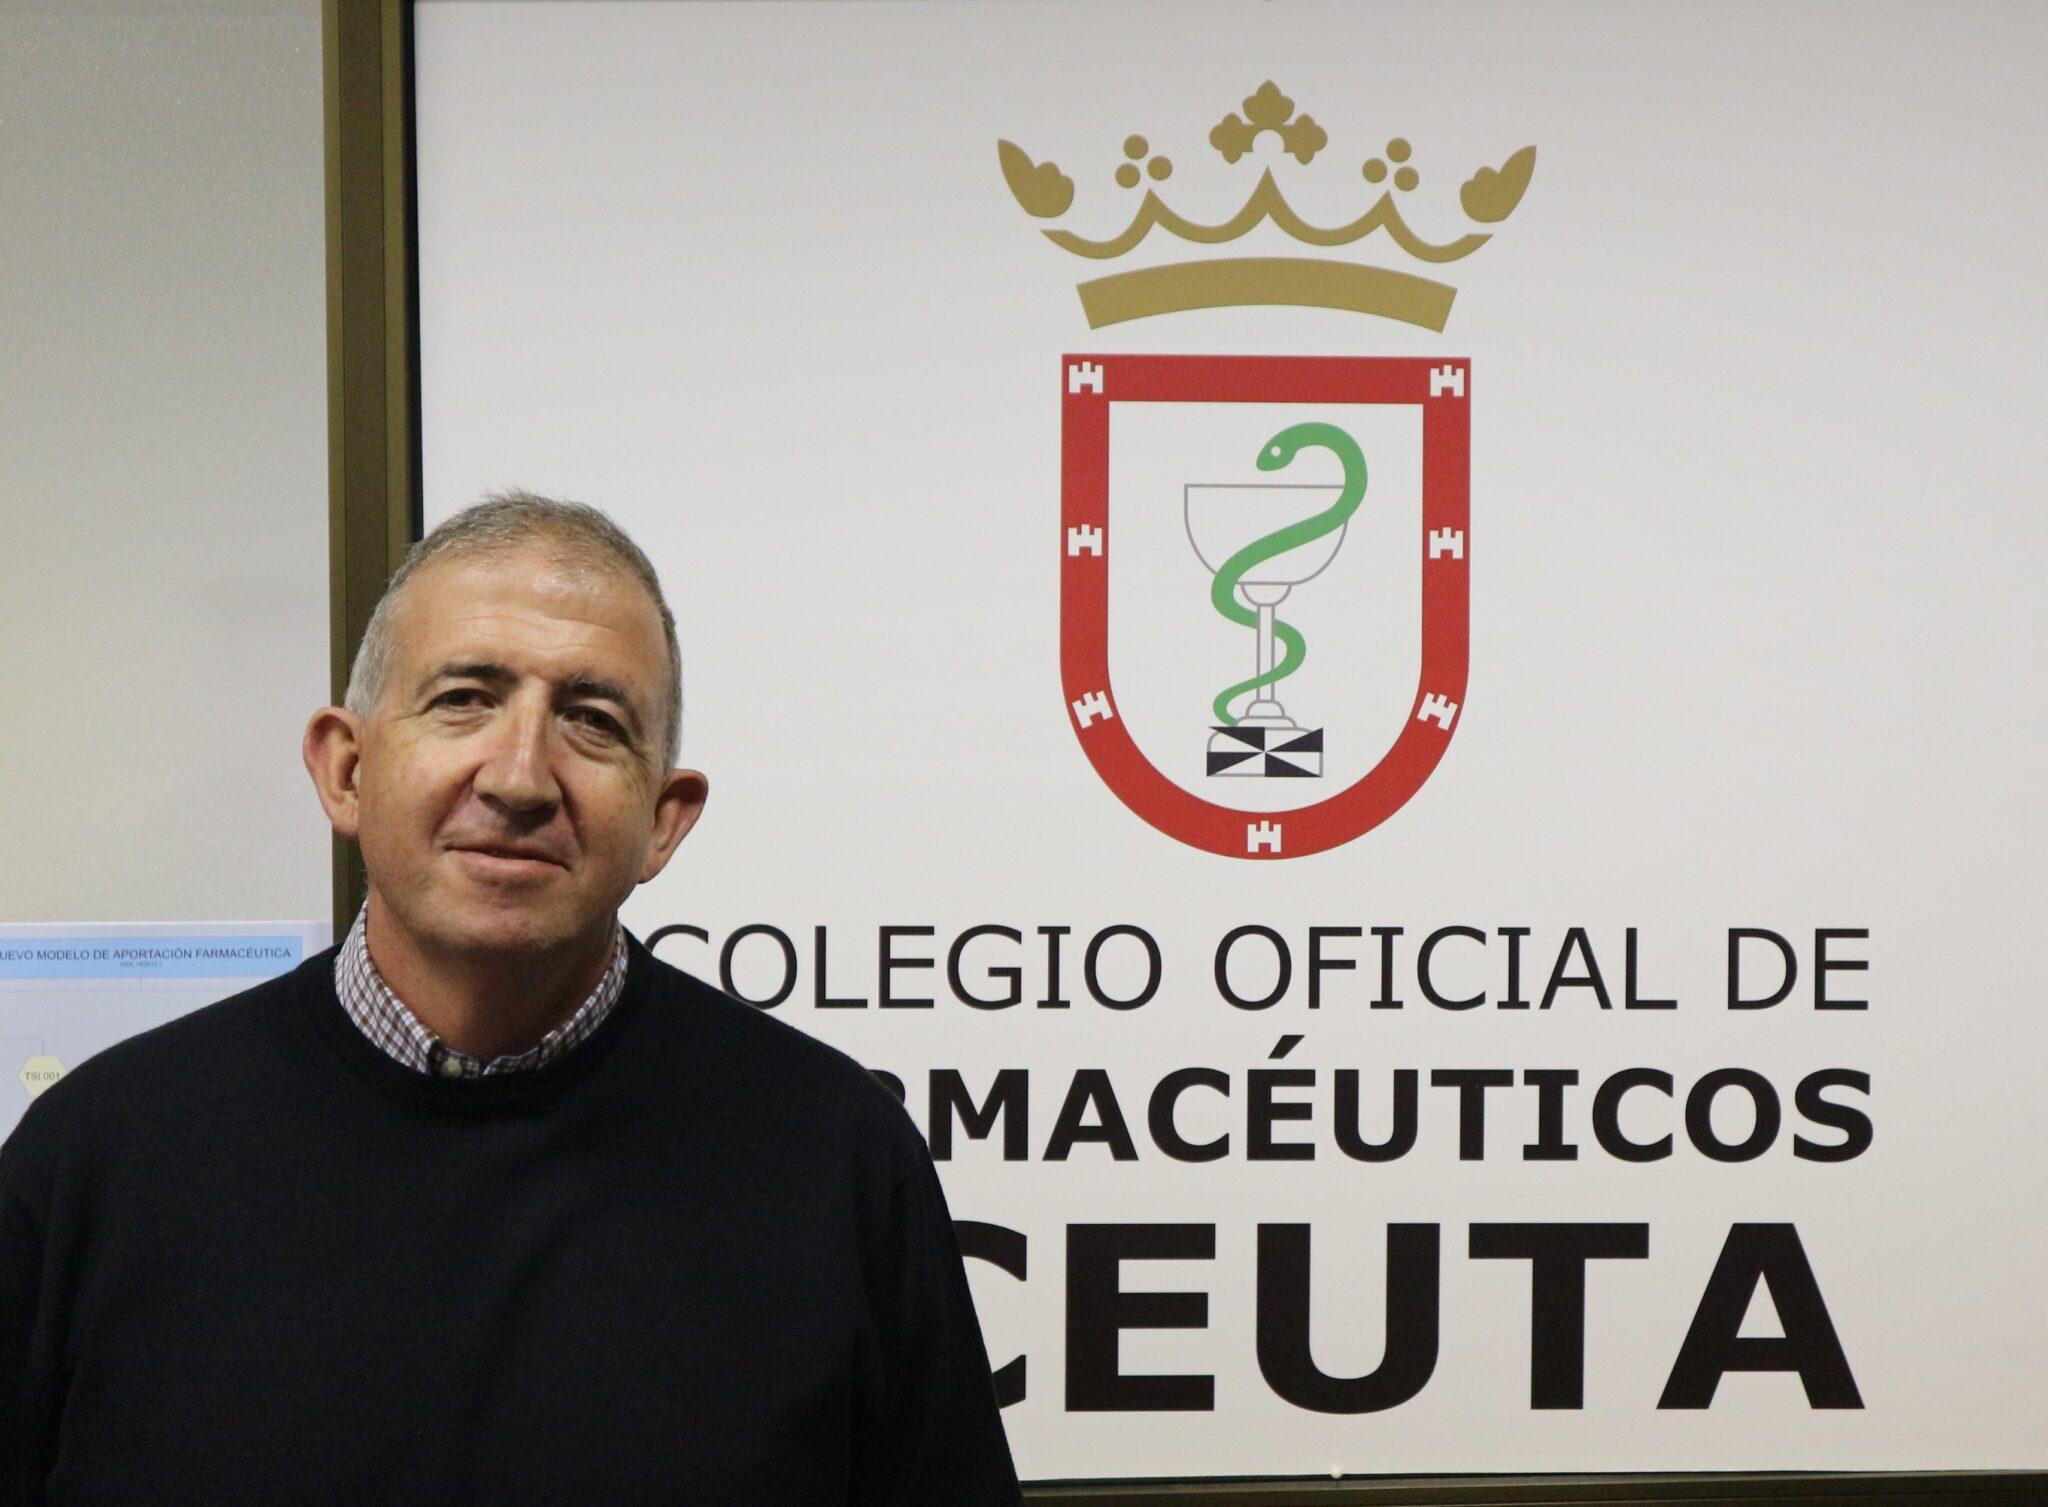 Tomás Buenaventura Parra López